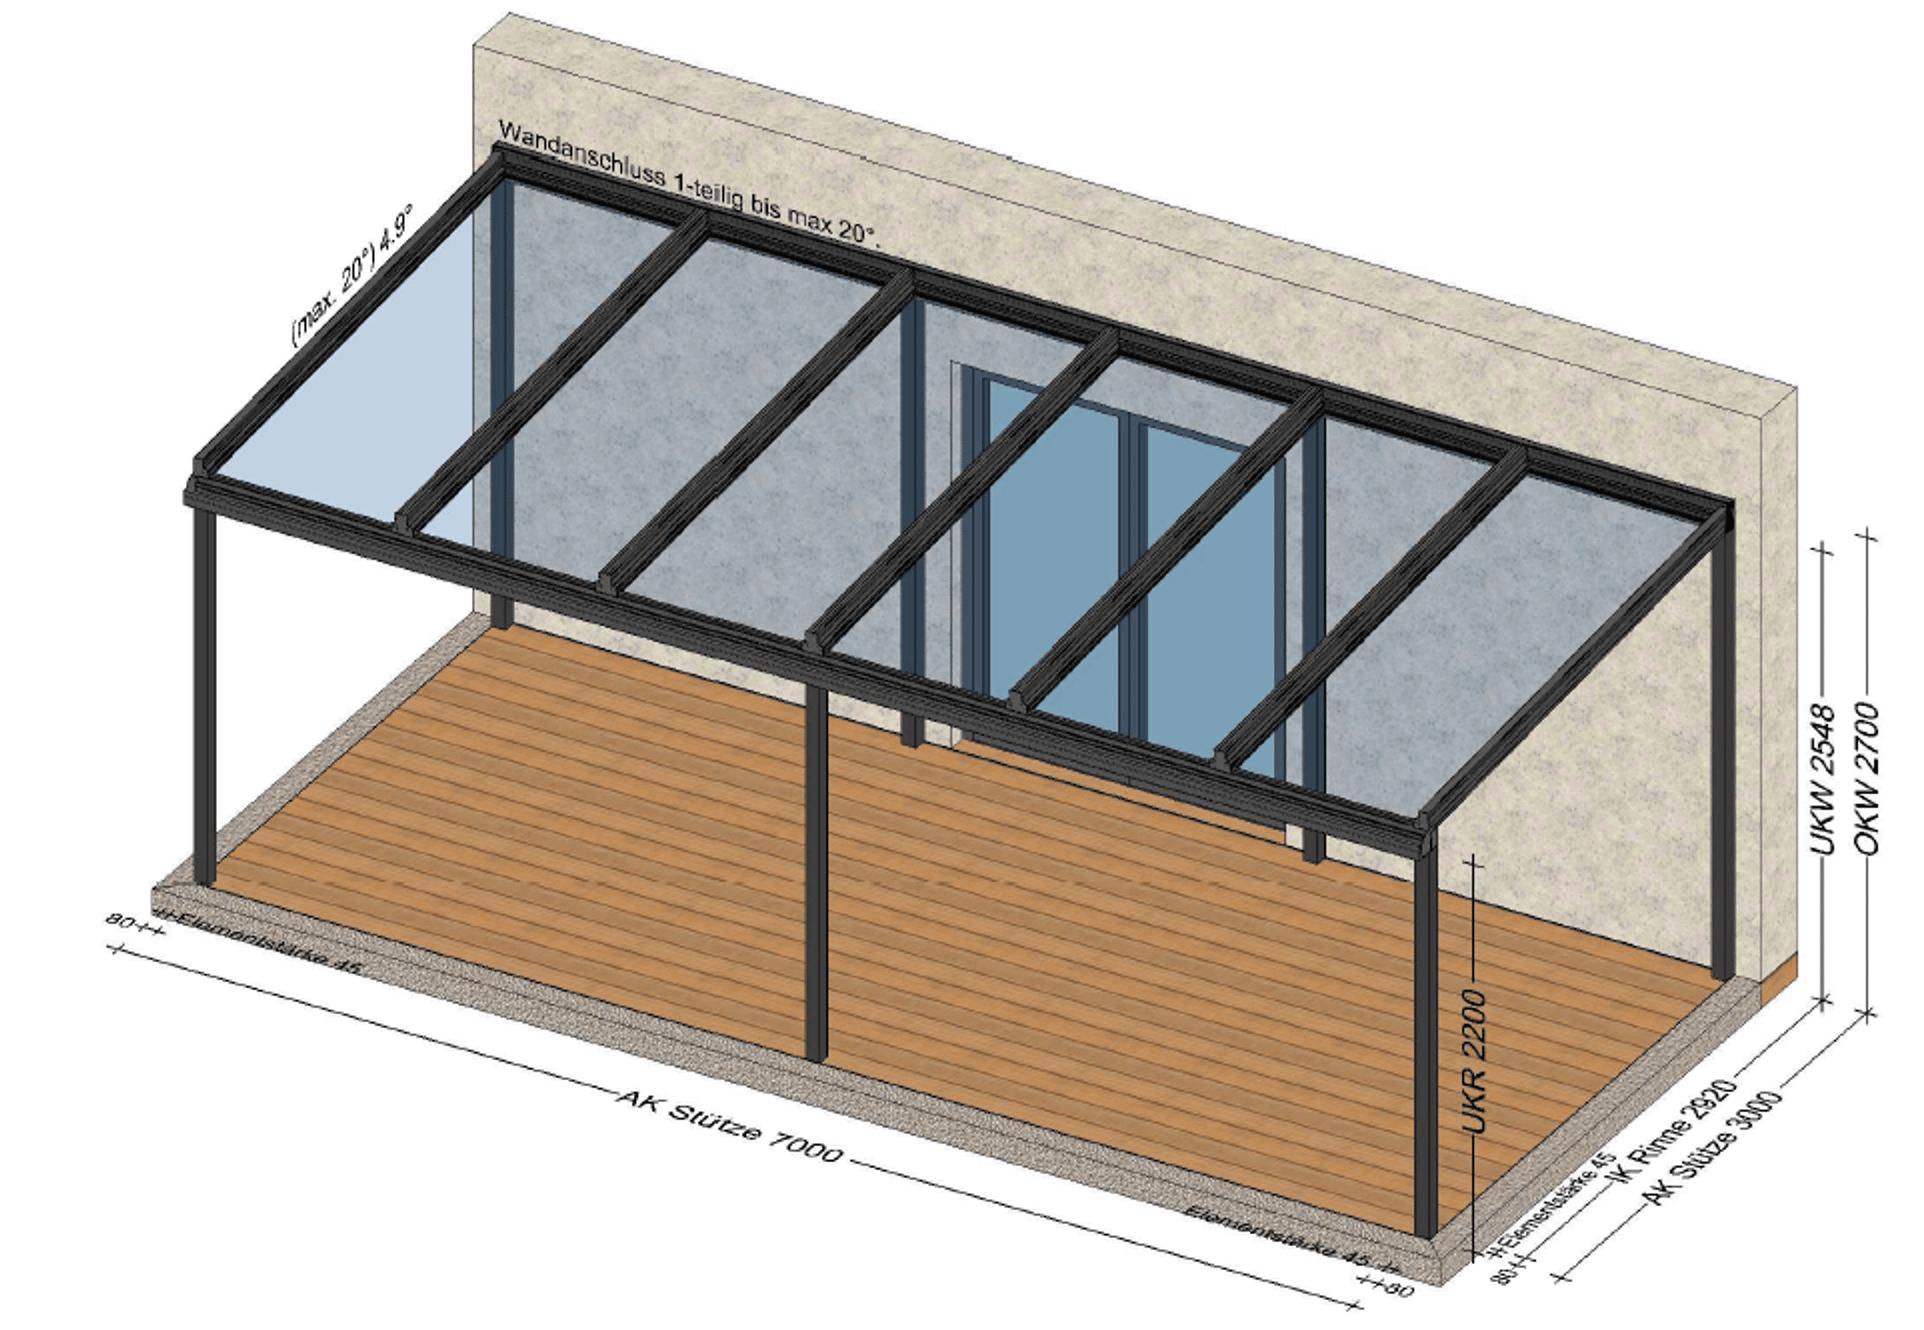 Terrassenüberdachung 7 x 3 m